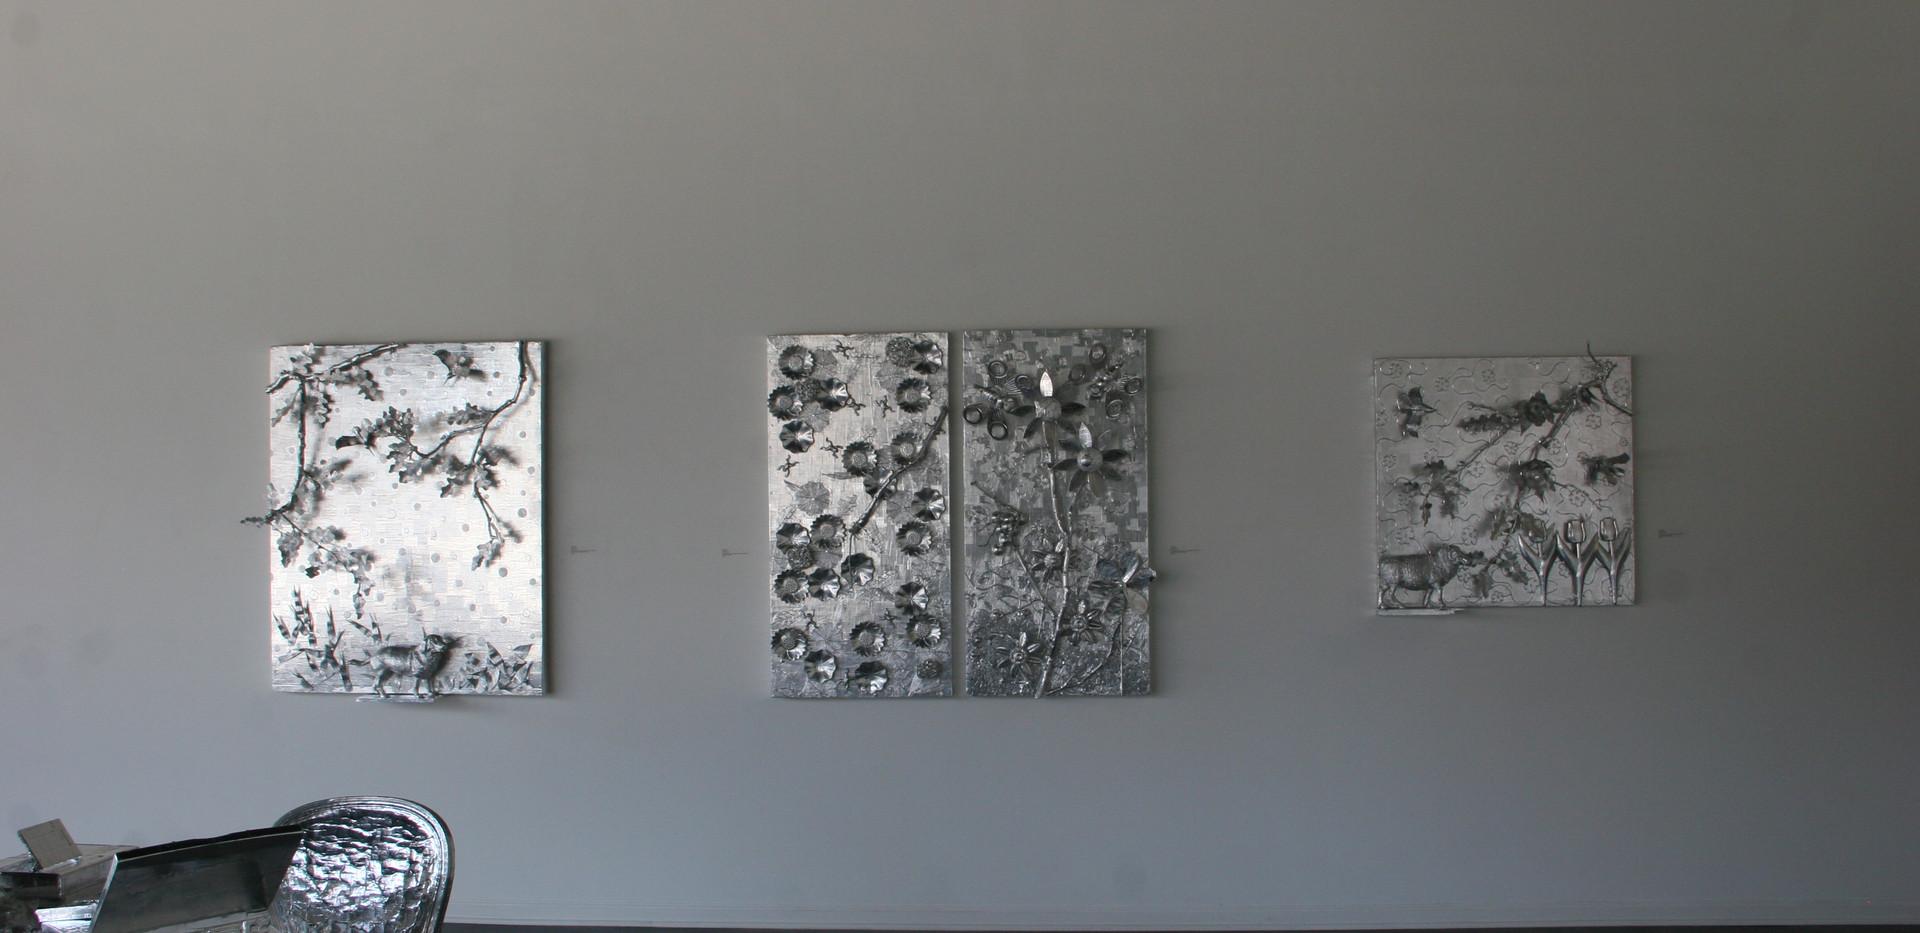 Installationn View